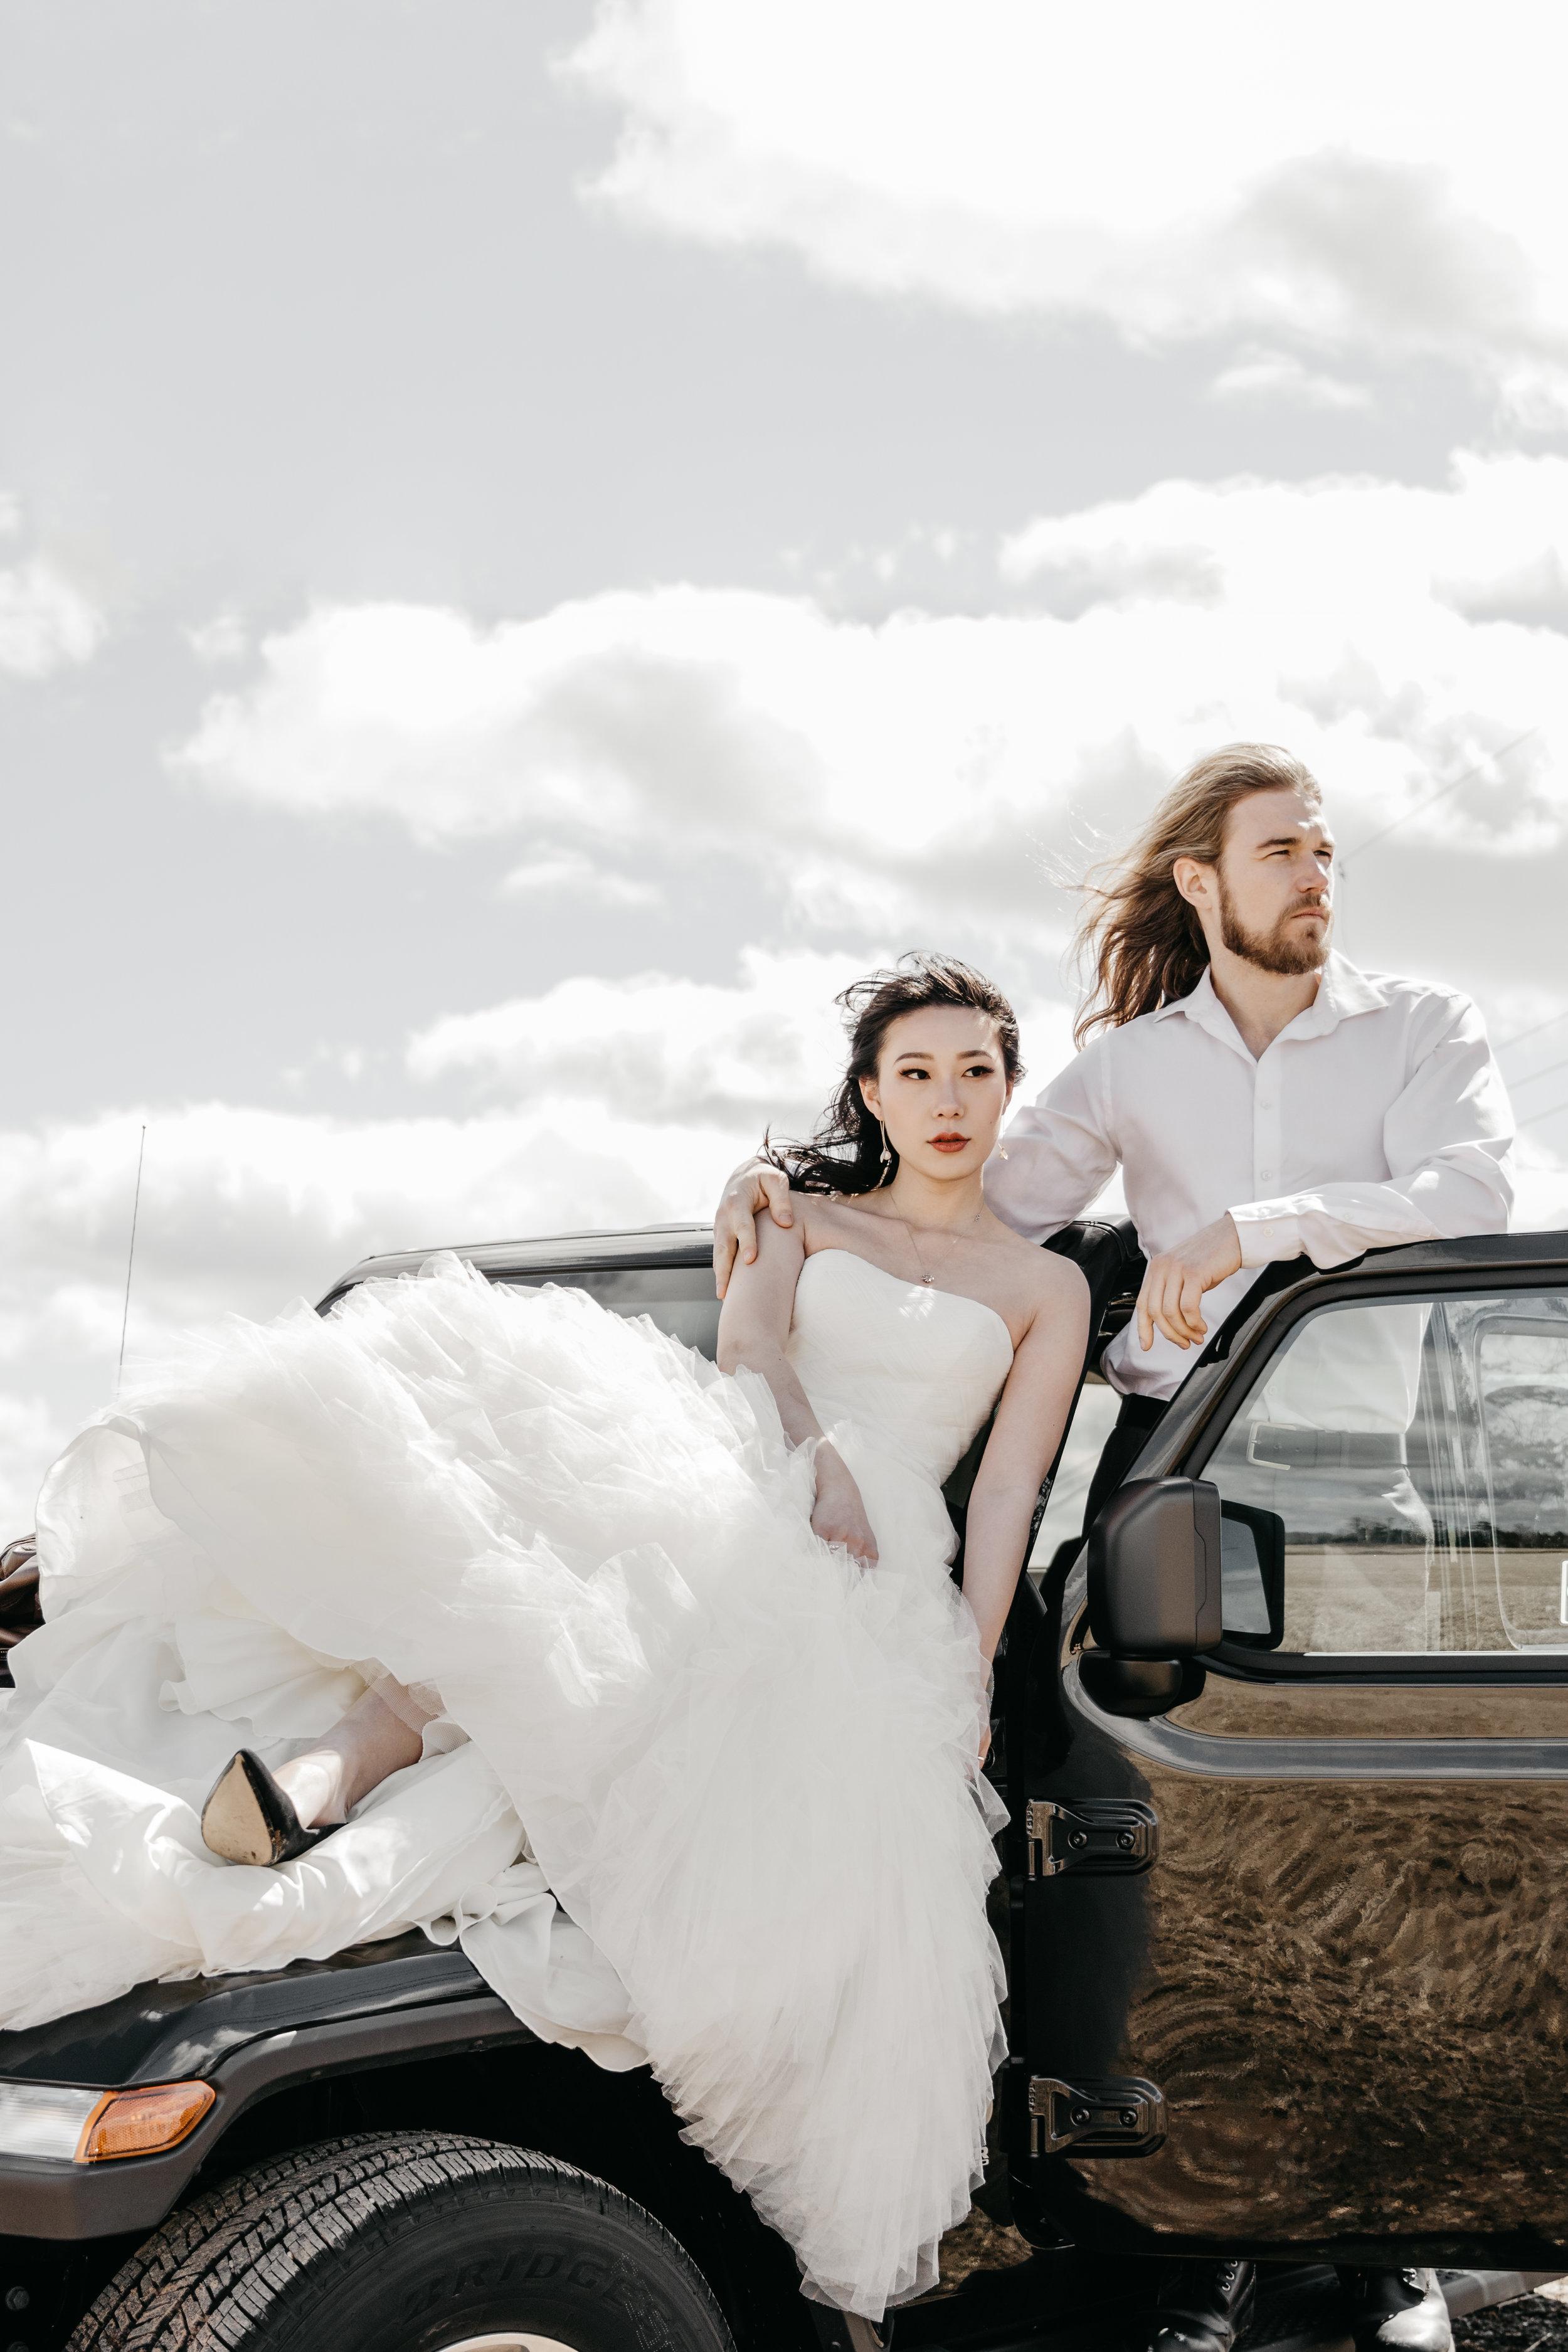 公路婚纱-6.jpg